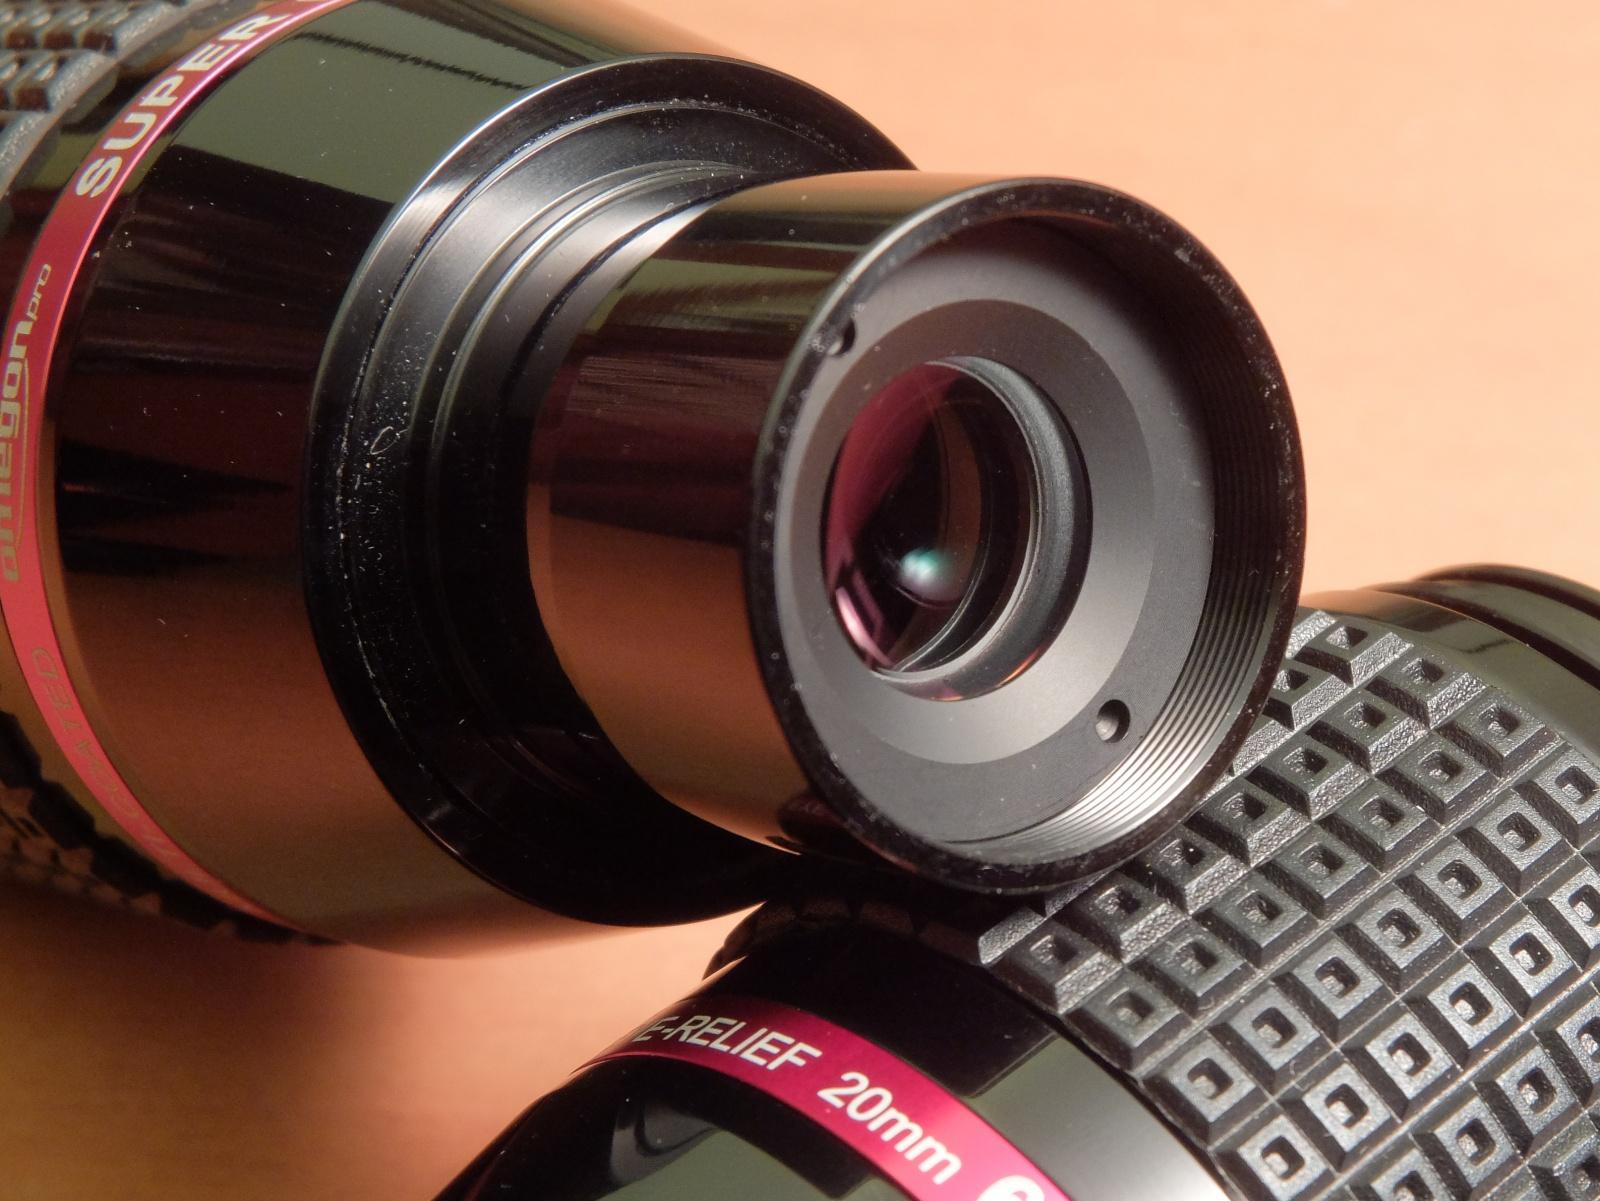 FX309624.JPG